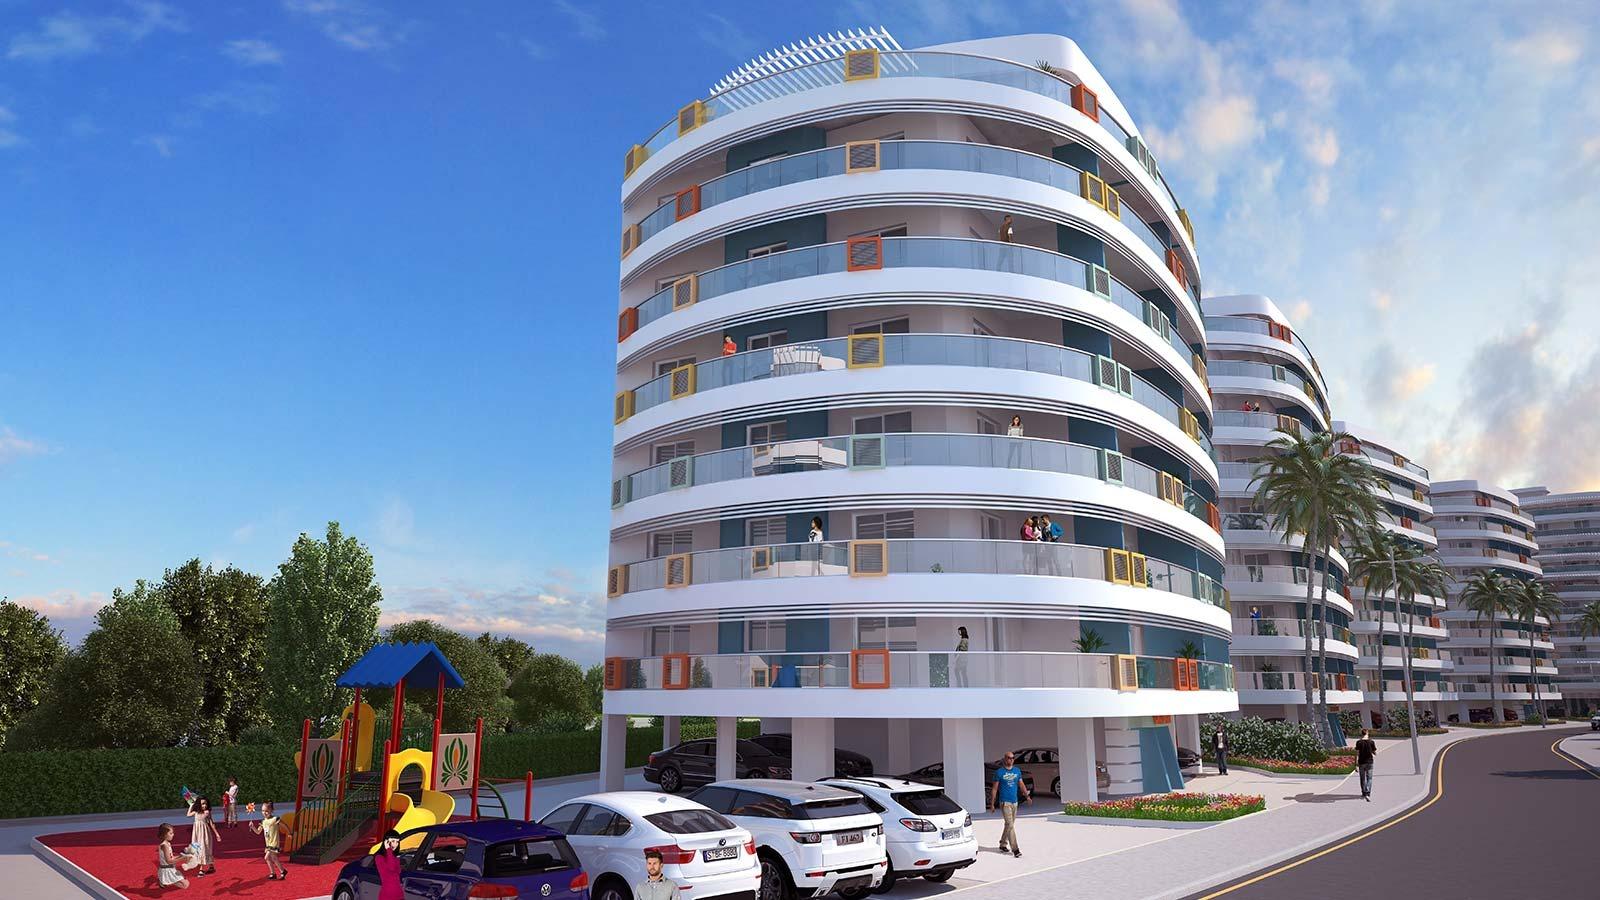 پروژه آپارتمانی ساحلی در نزدیکی دریا